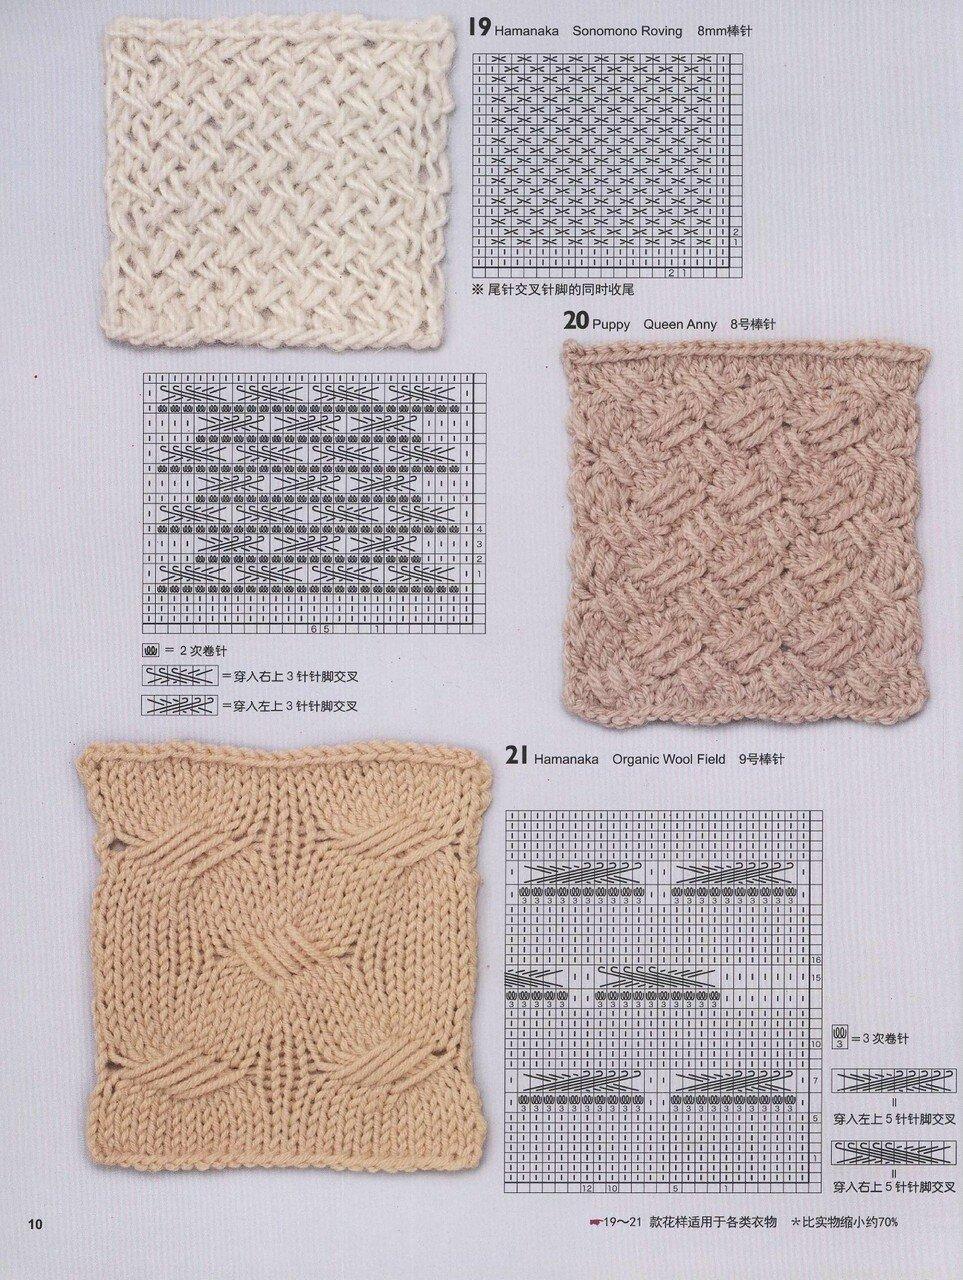 150 Knitting_12.jpg